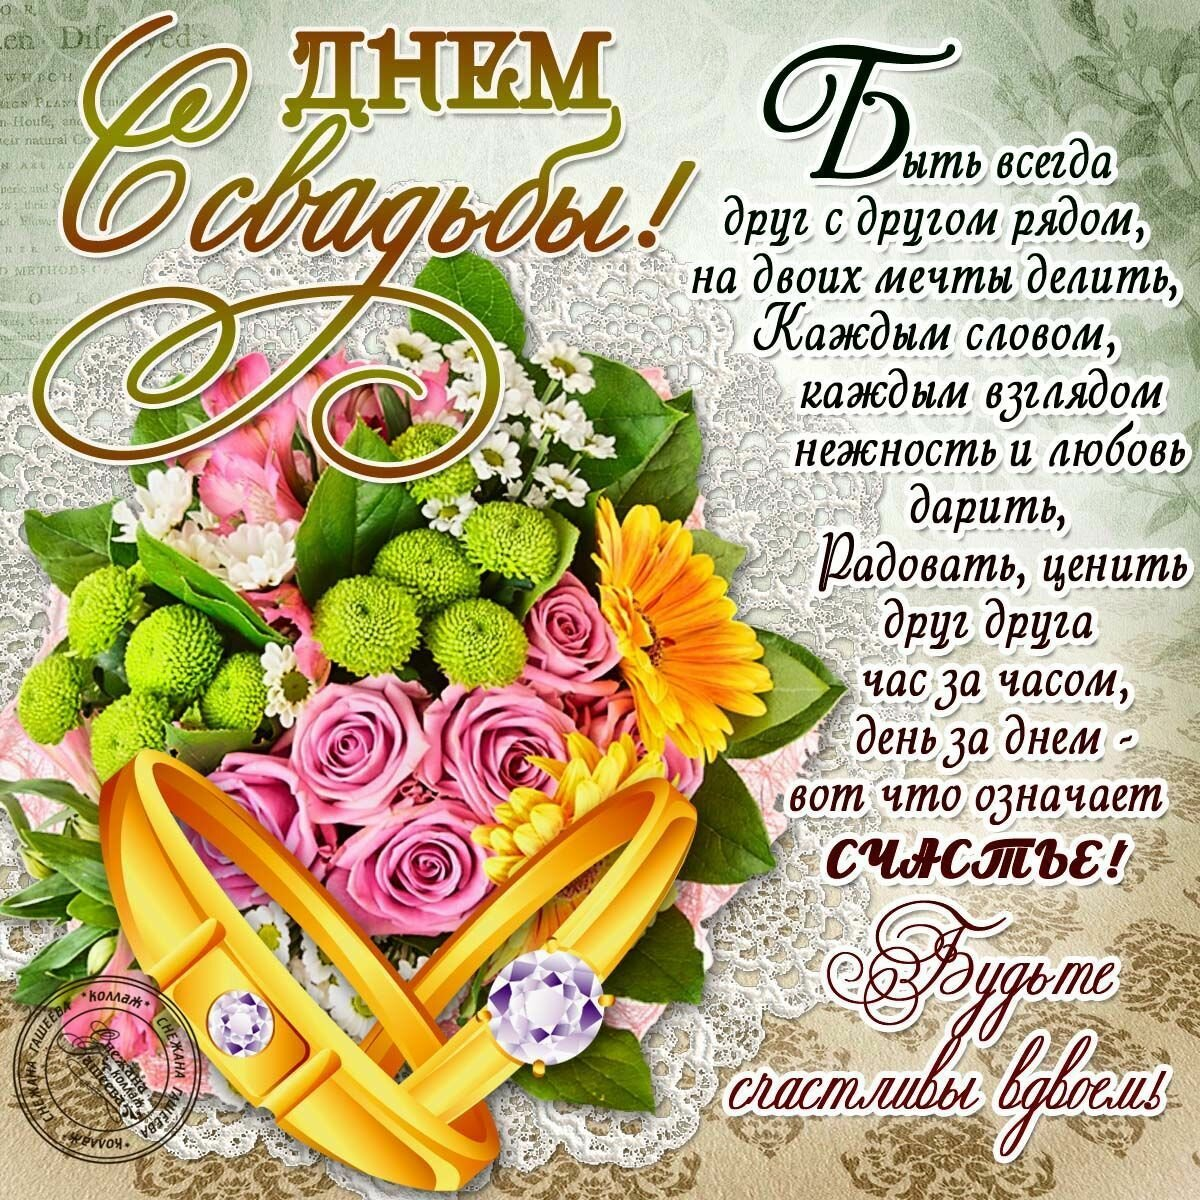 Поздравительная открытка молодоженам на свадьбу